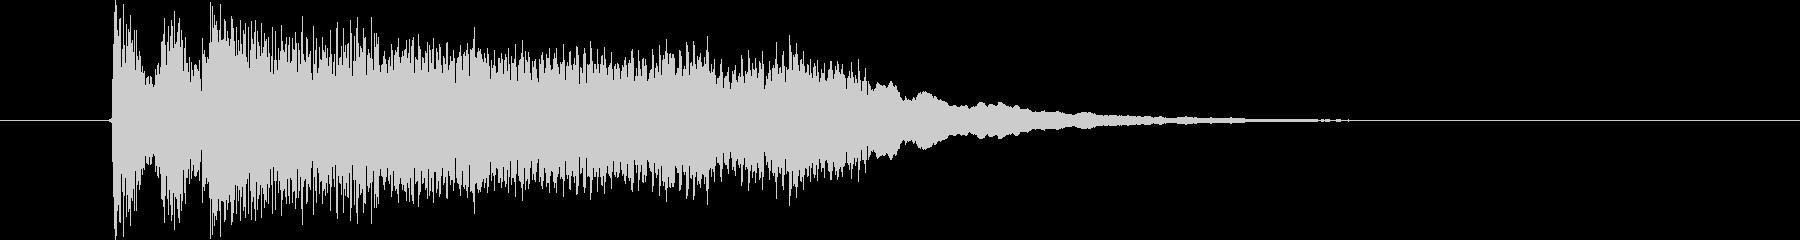 迫力と勢いあるジングルの未再生の波形